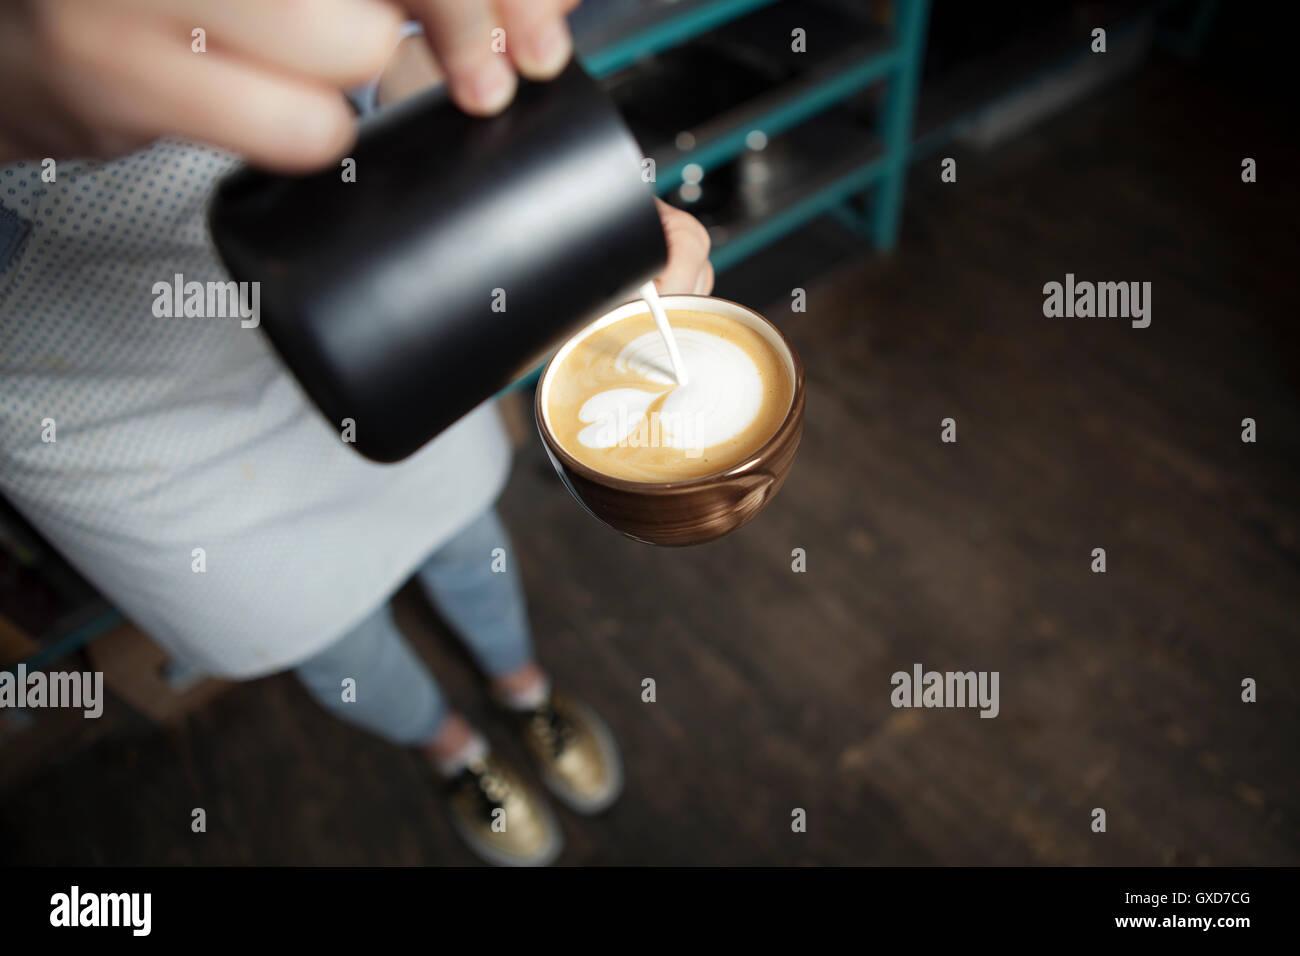 Cómo hacer latte arte por barista centrarse en leche y café Imagen De Stock